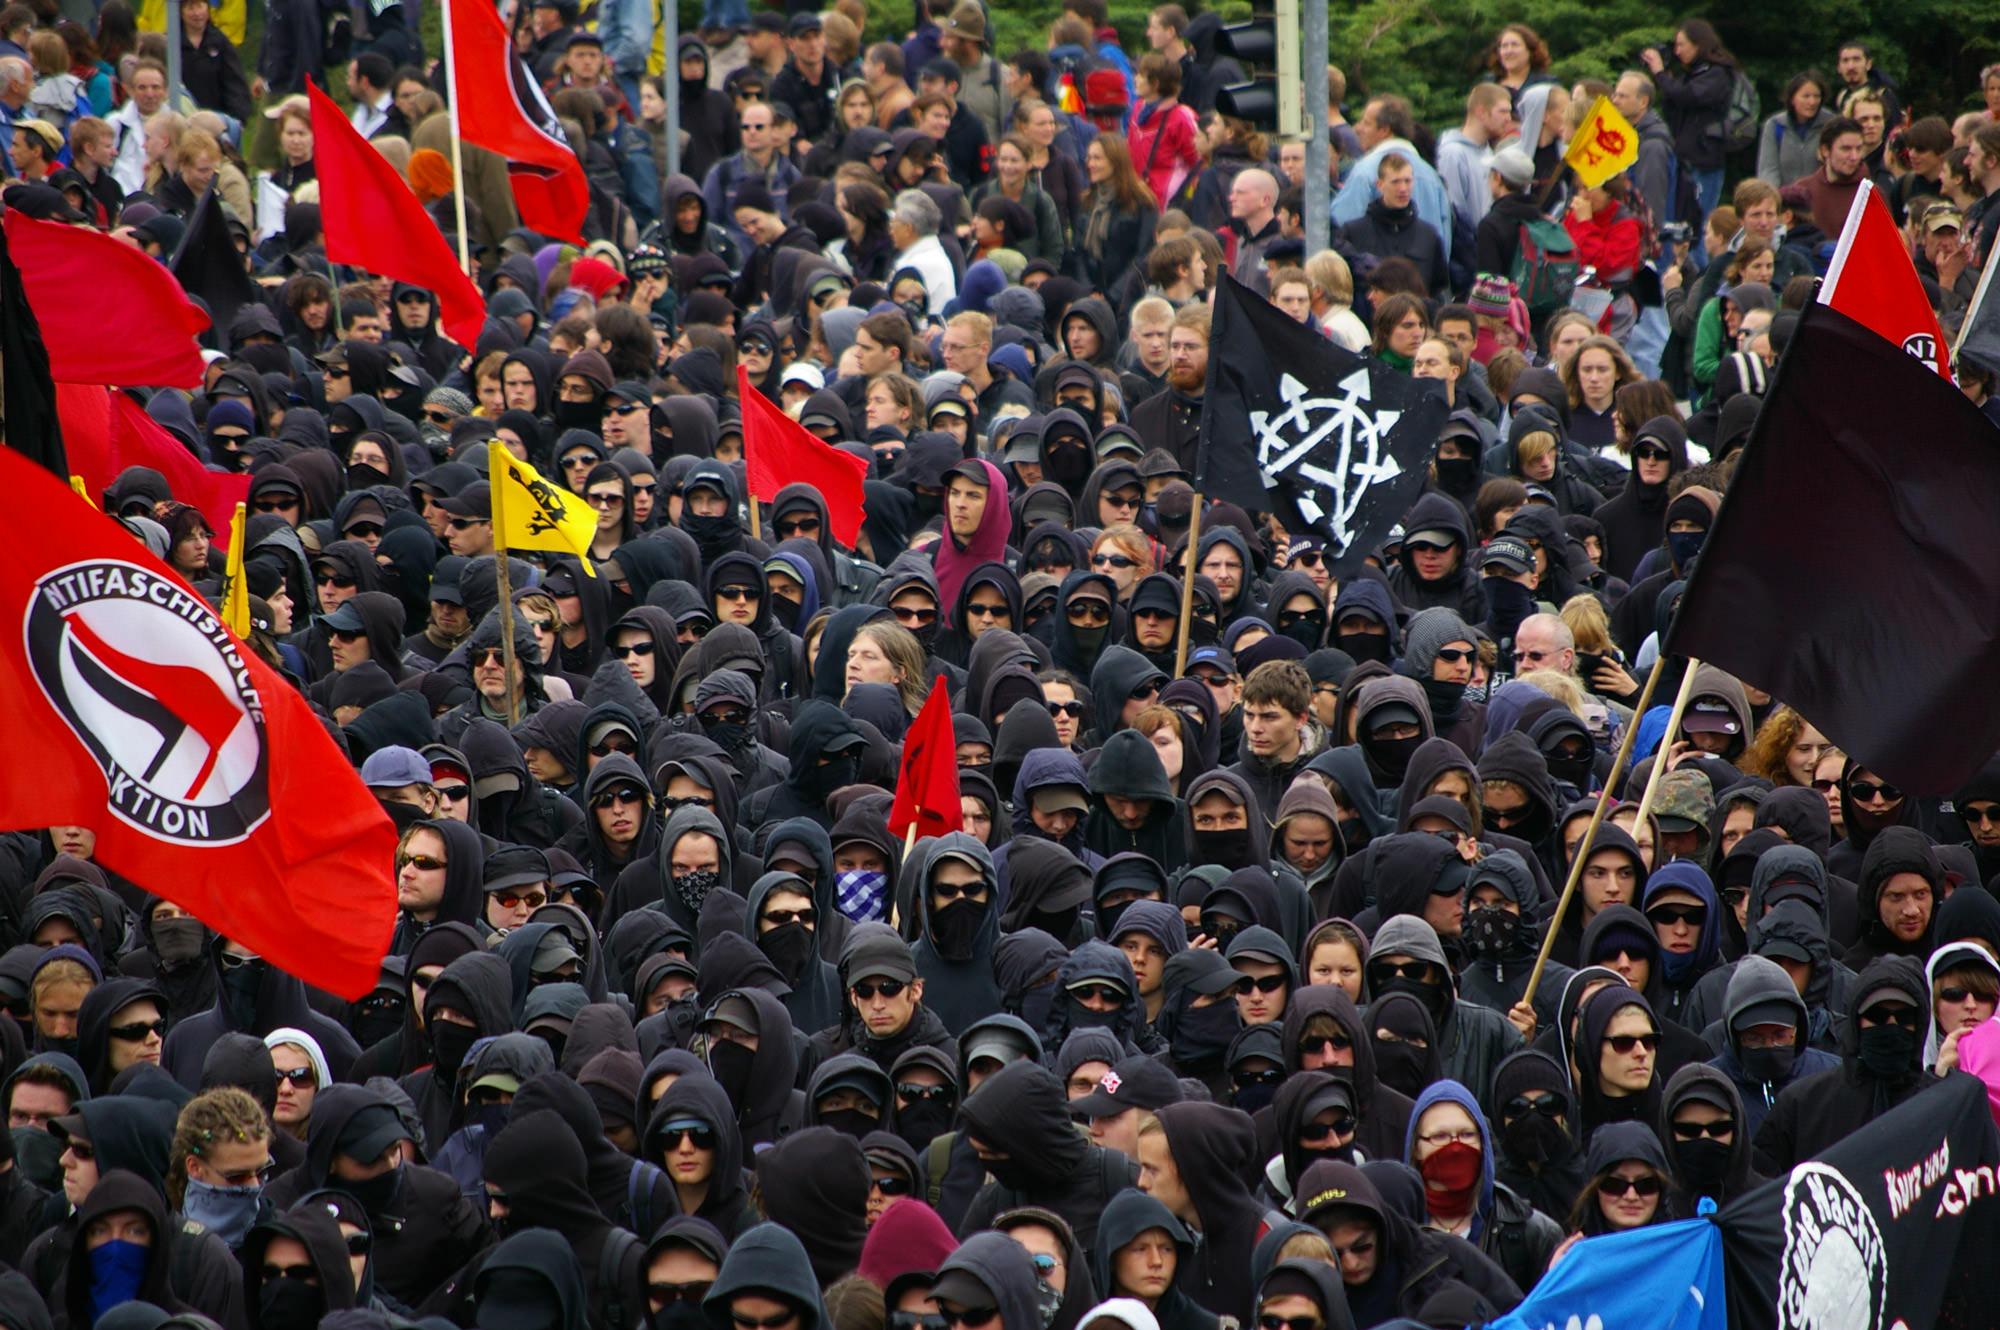 2007 G8 black bloc